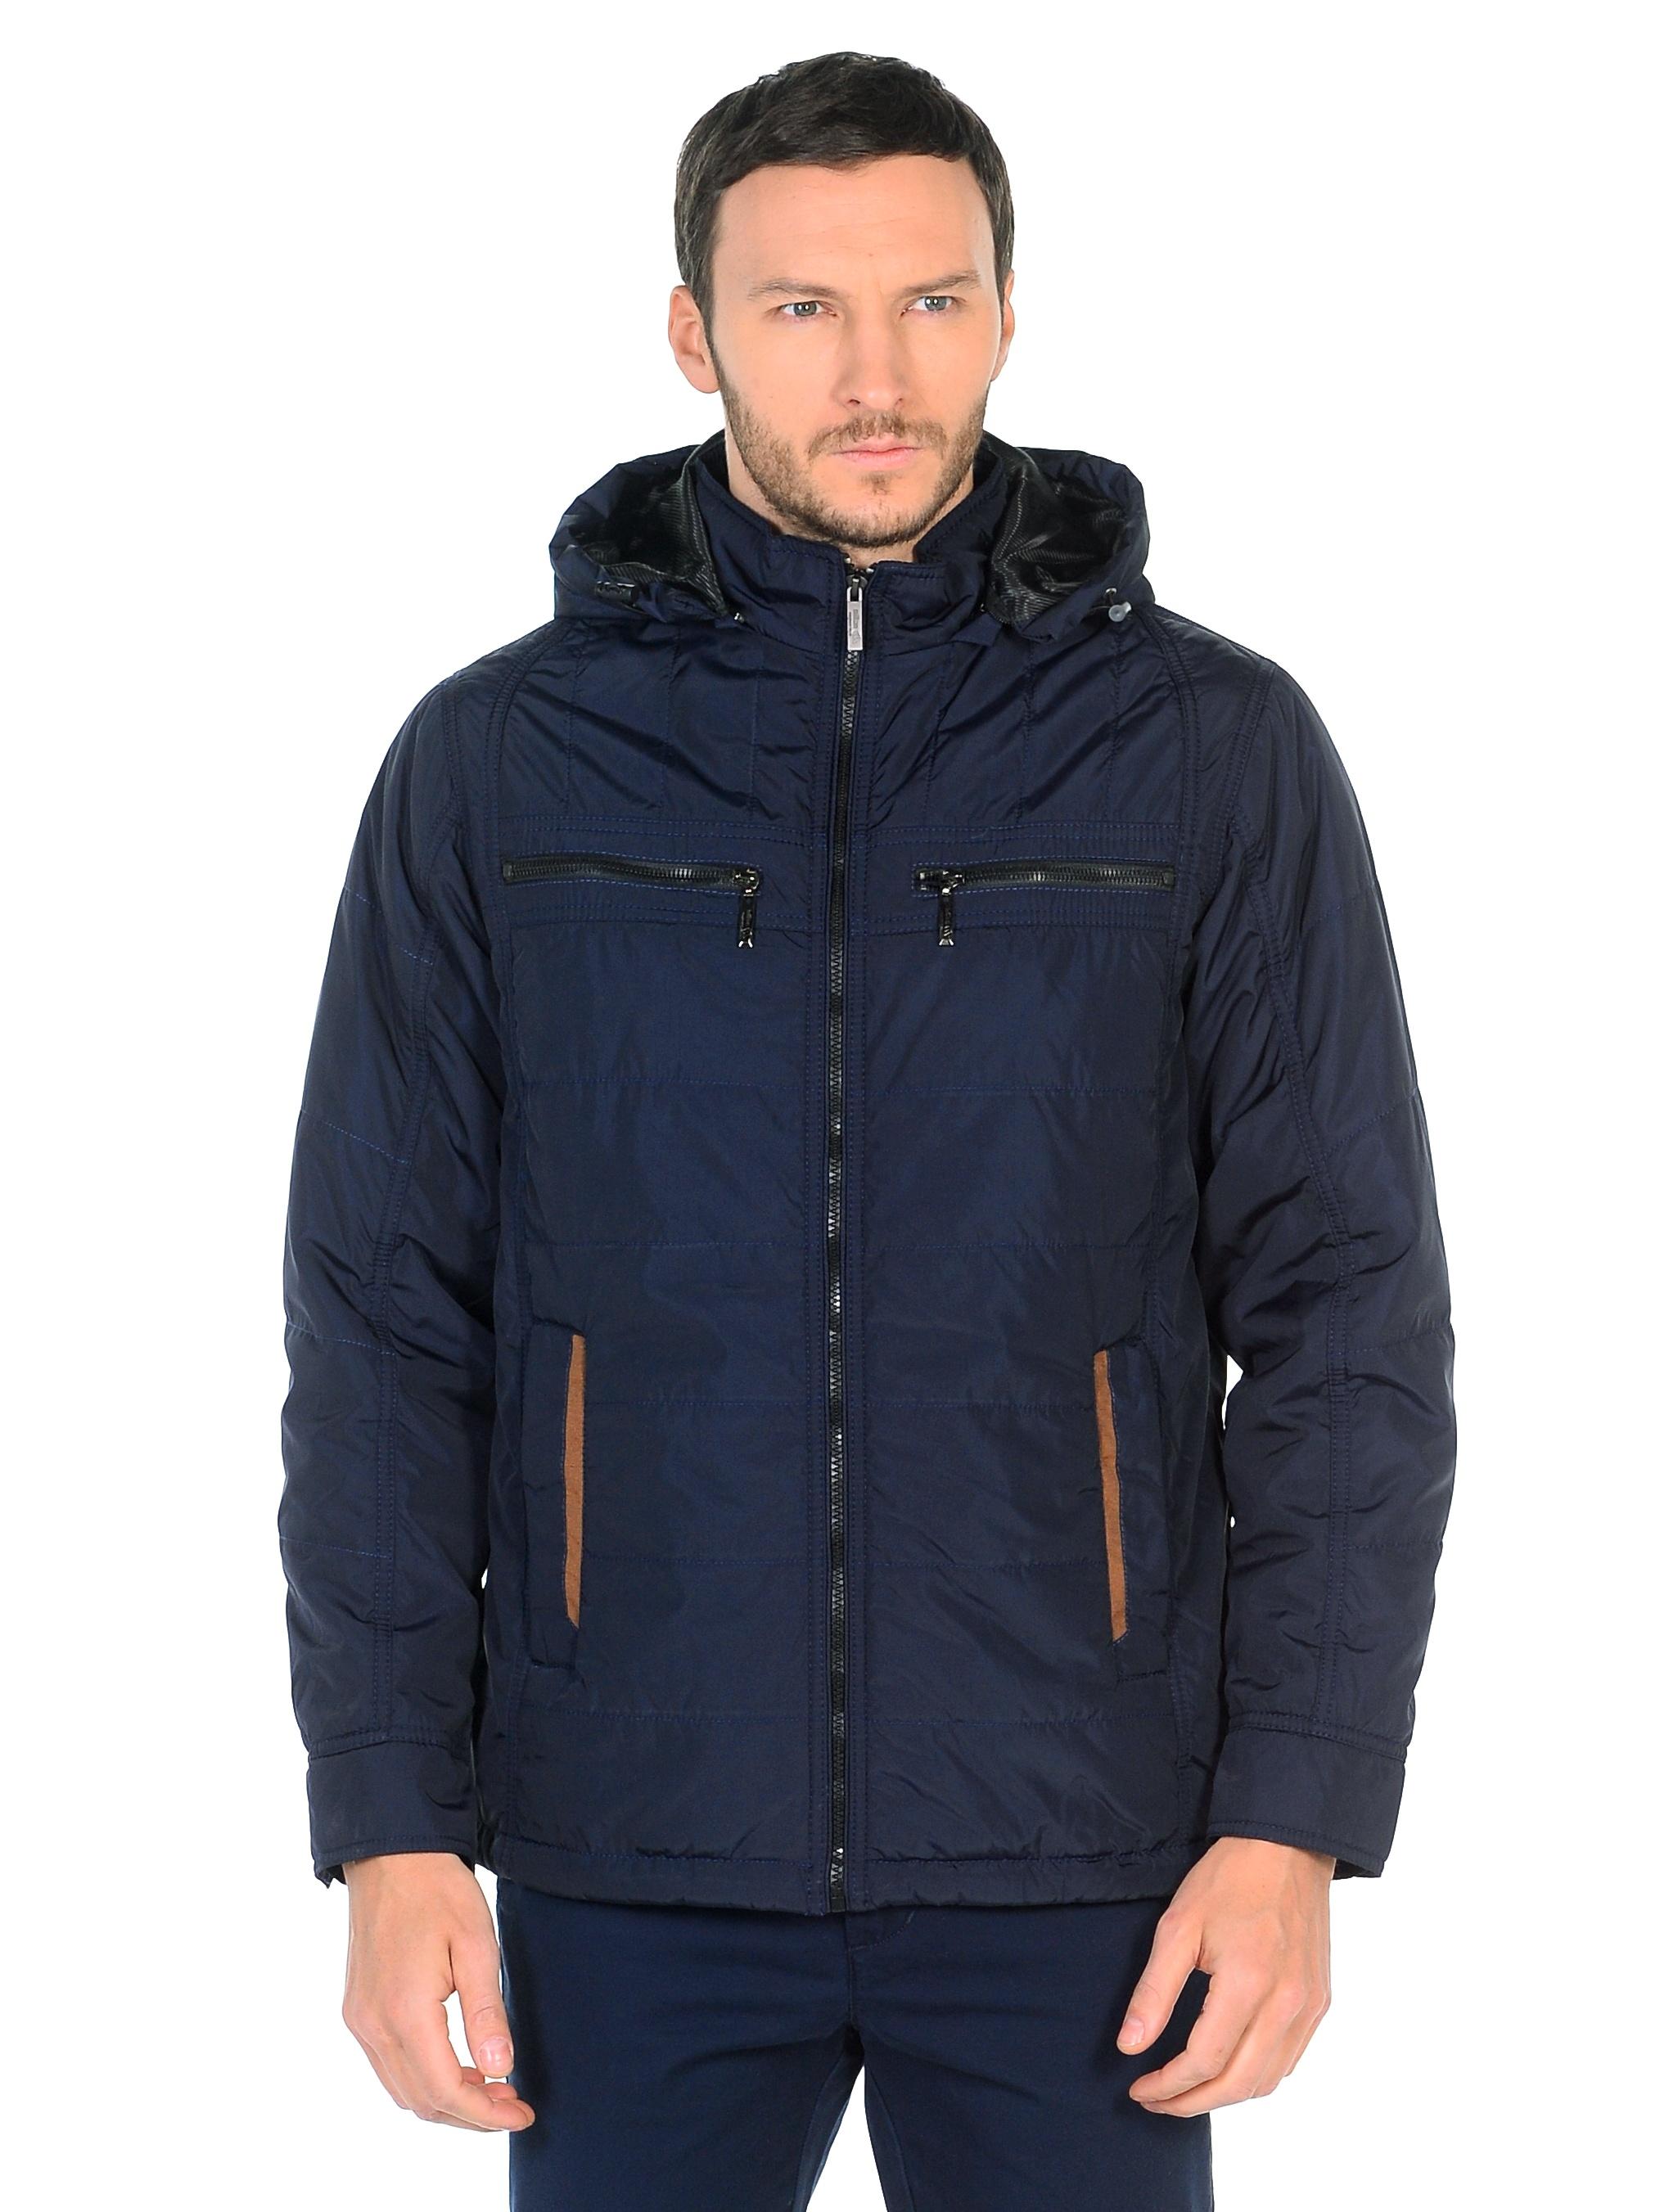 Мужская куртка из текстиля с капюшоном, без отделки<br><br>Воротник: съемный капюшон<br>Длина см: Средняя (75-89 )<br>Материал: Текстиль<br>Цвет: синий<br>Вид застежки: центральная<br>Застежка: на молнии<br>Пол: Мужской<br>Размер RU: 56